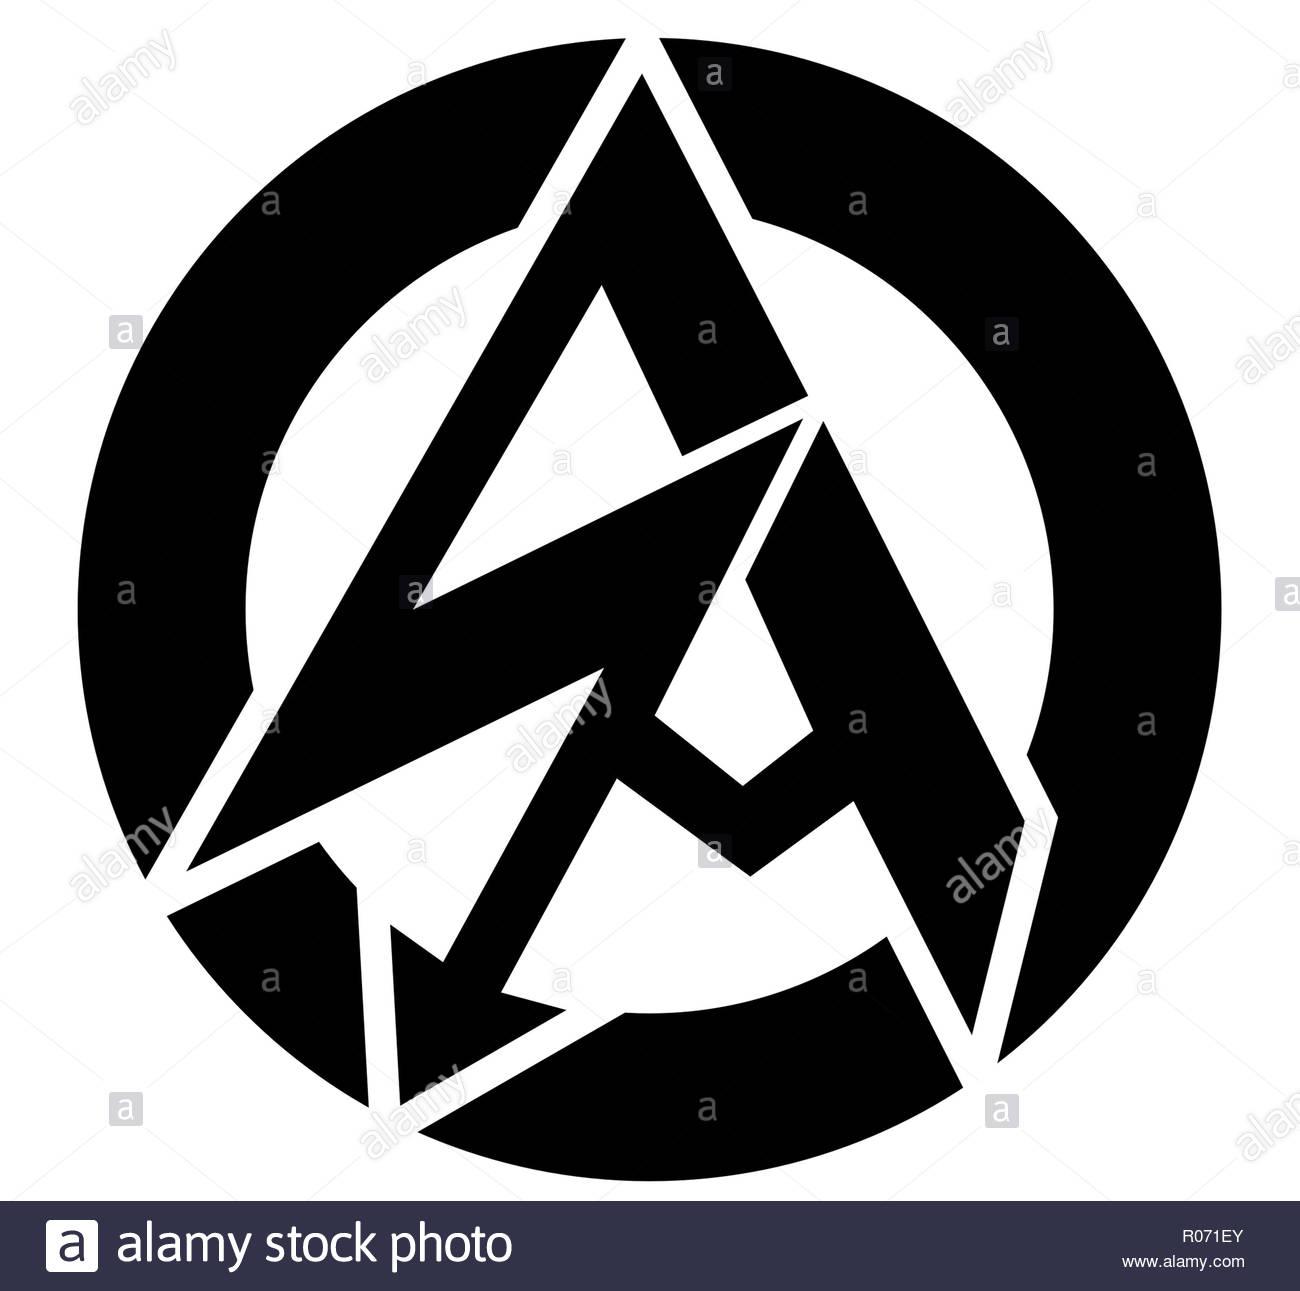 German Sturmabteilung SA logo - Stock Image